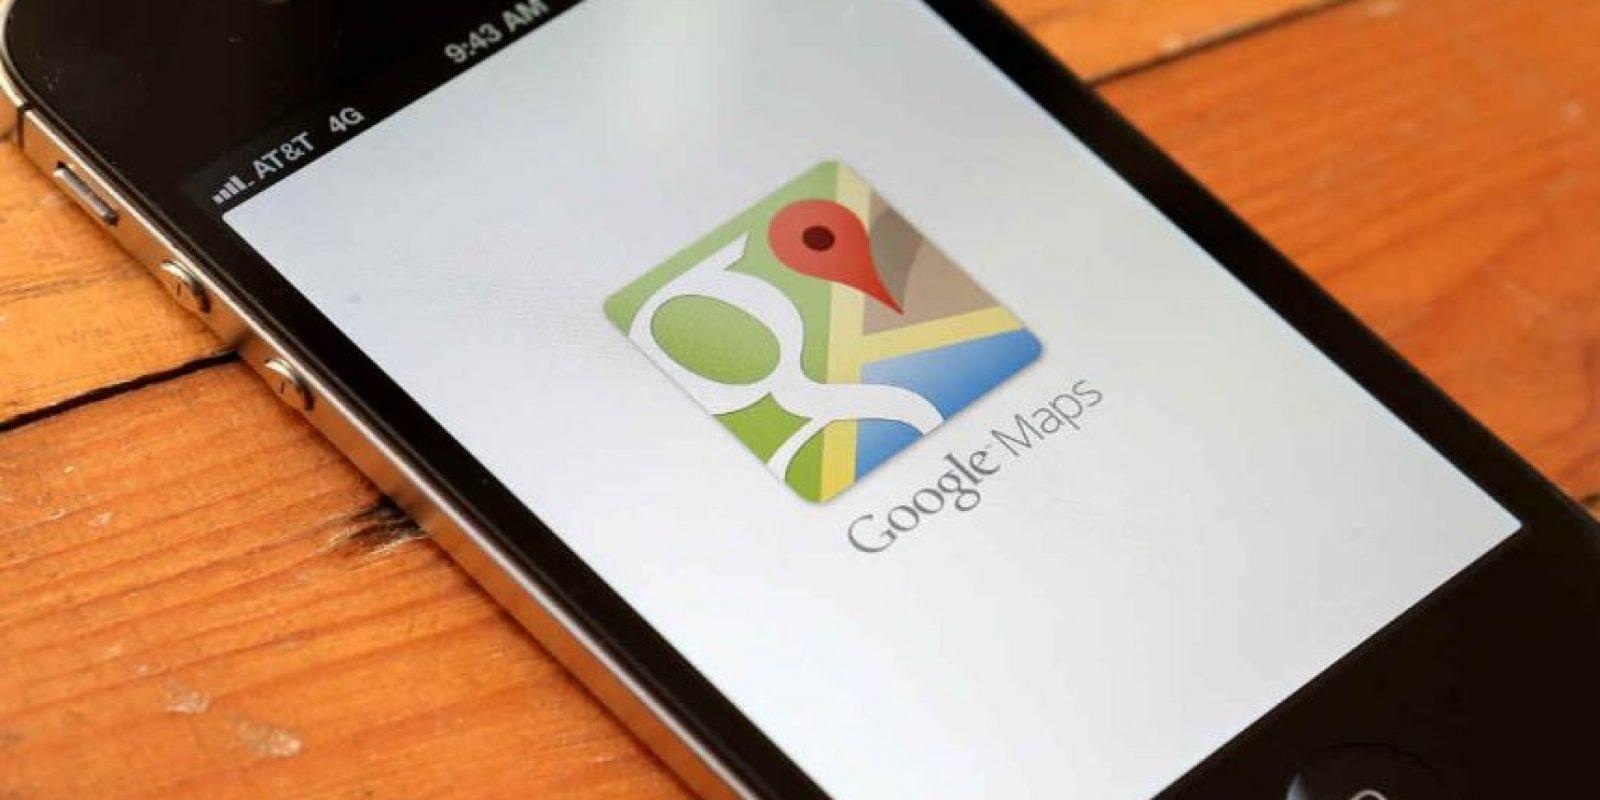 Larry Pagey y Serguéi Brin crearon Google como un proyecto escolar. Foto:Getty Images